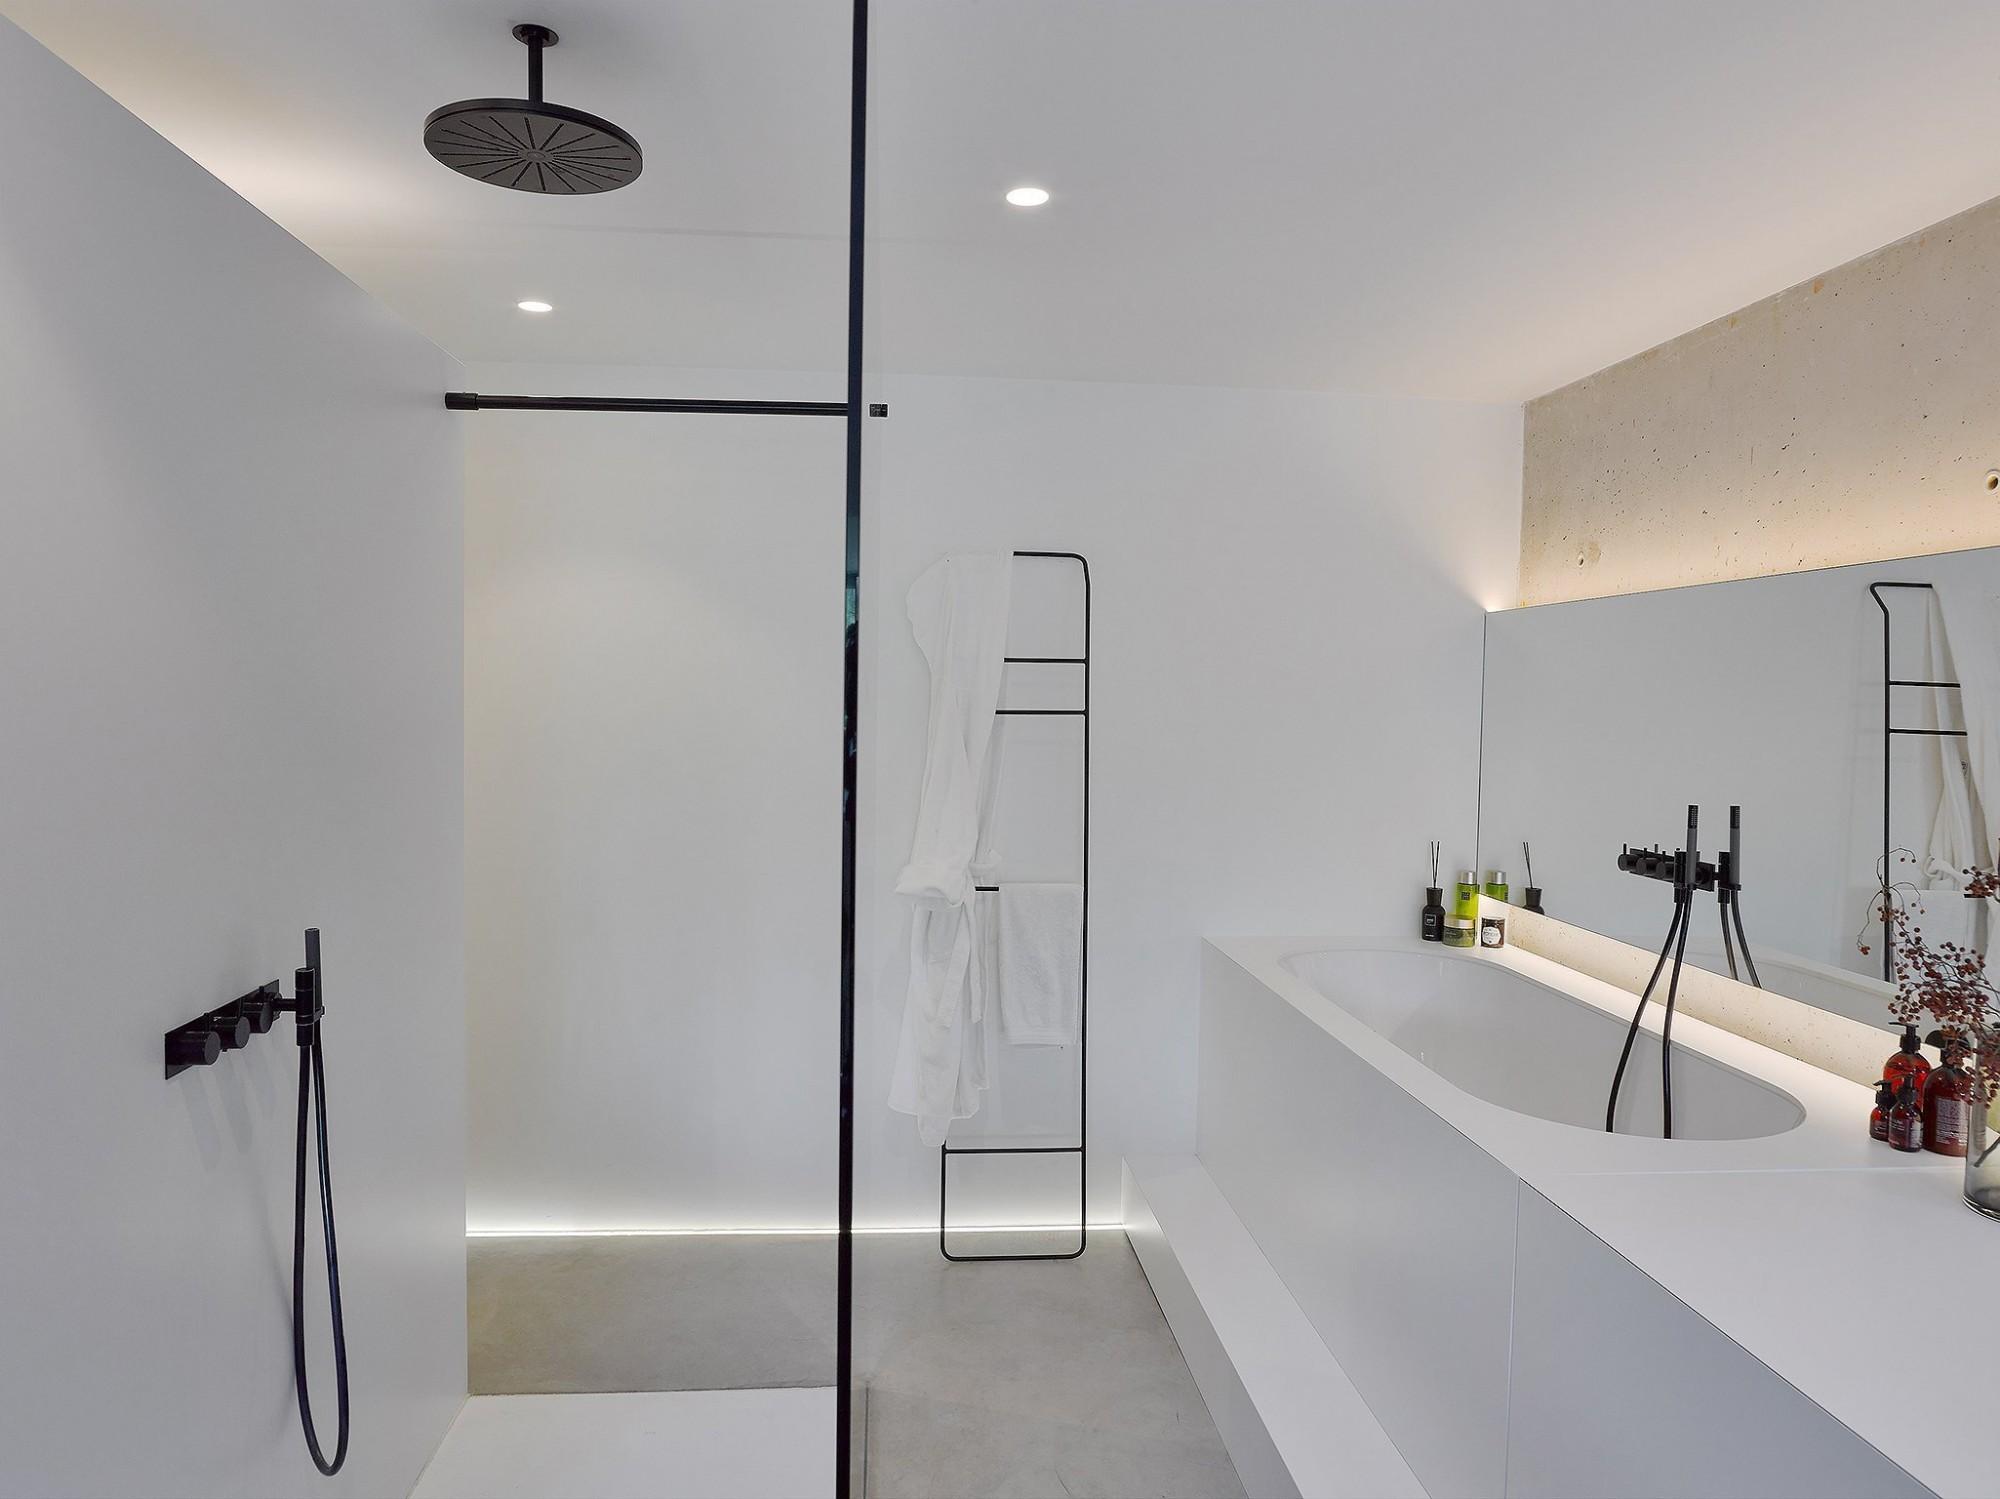 Afbeelding: Interieur fotografie badkamer voor bouwwerken Bastijns, foto Van Huffel, © icoon architect.